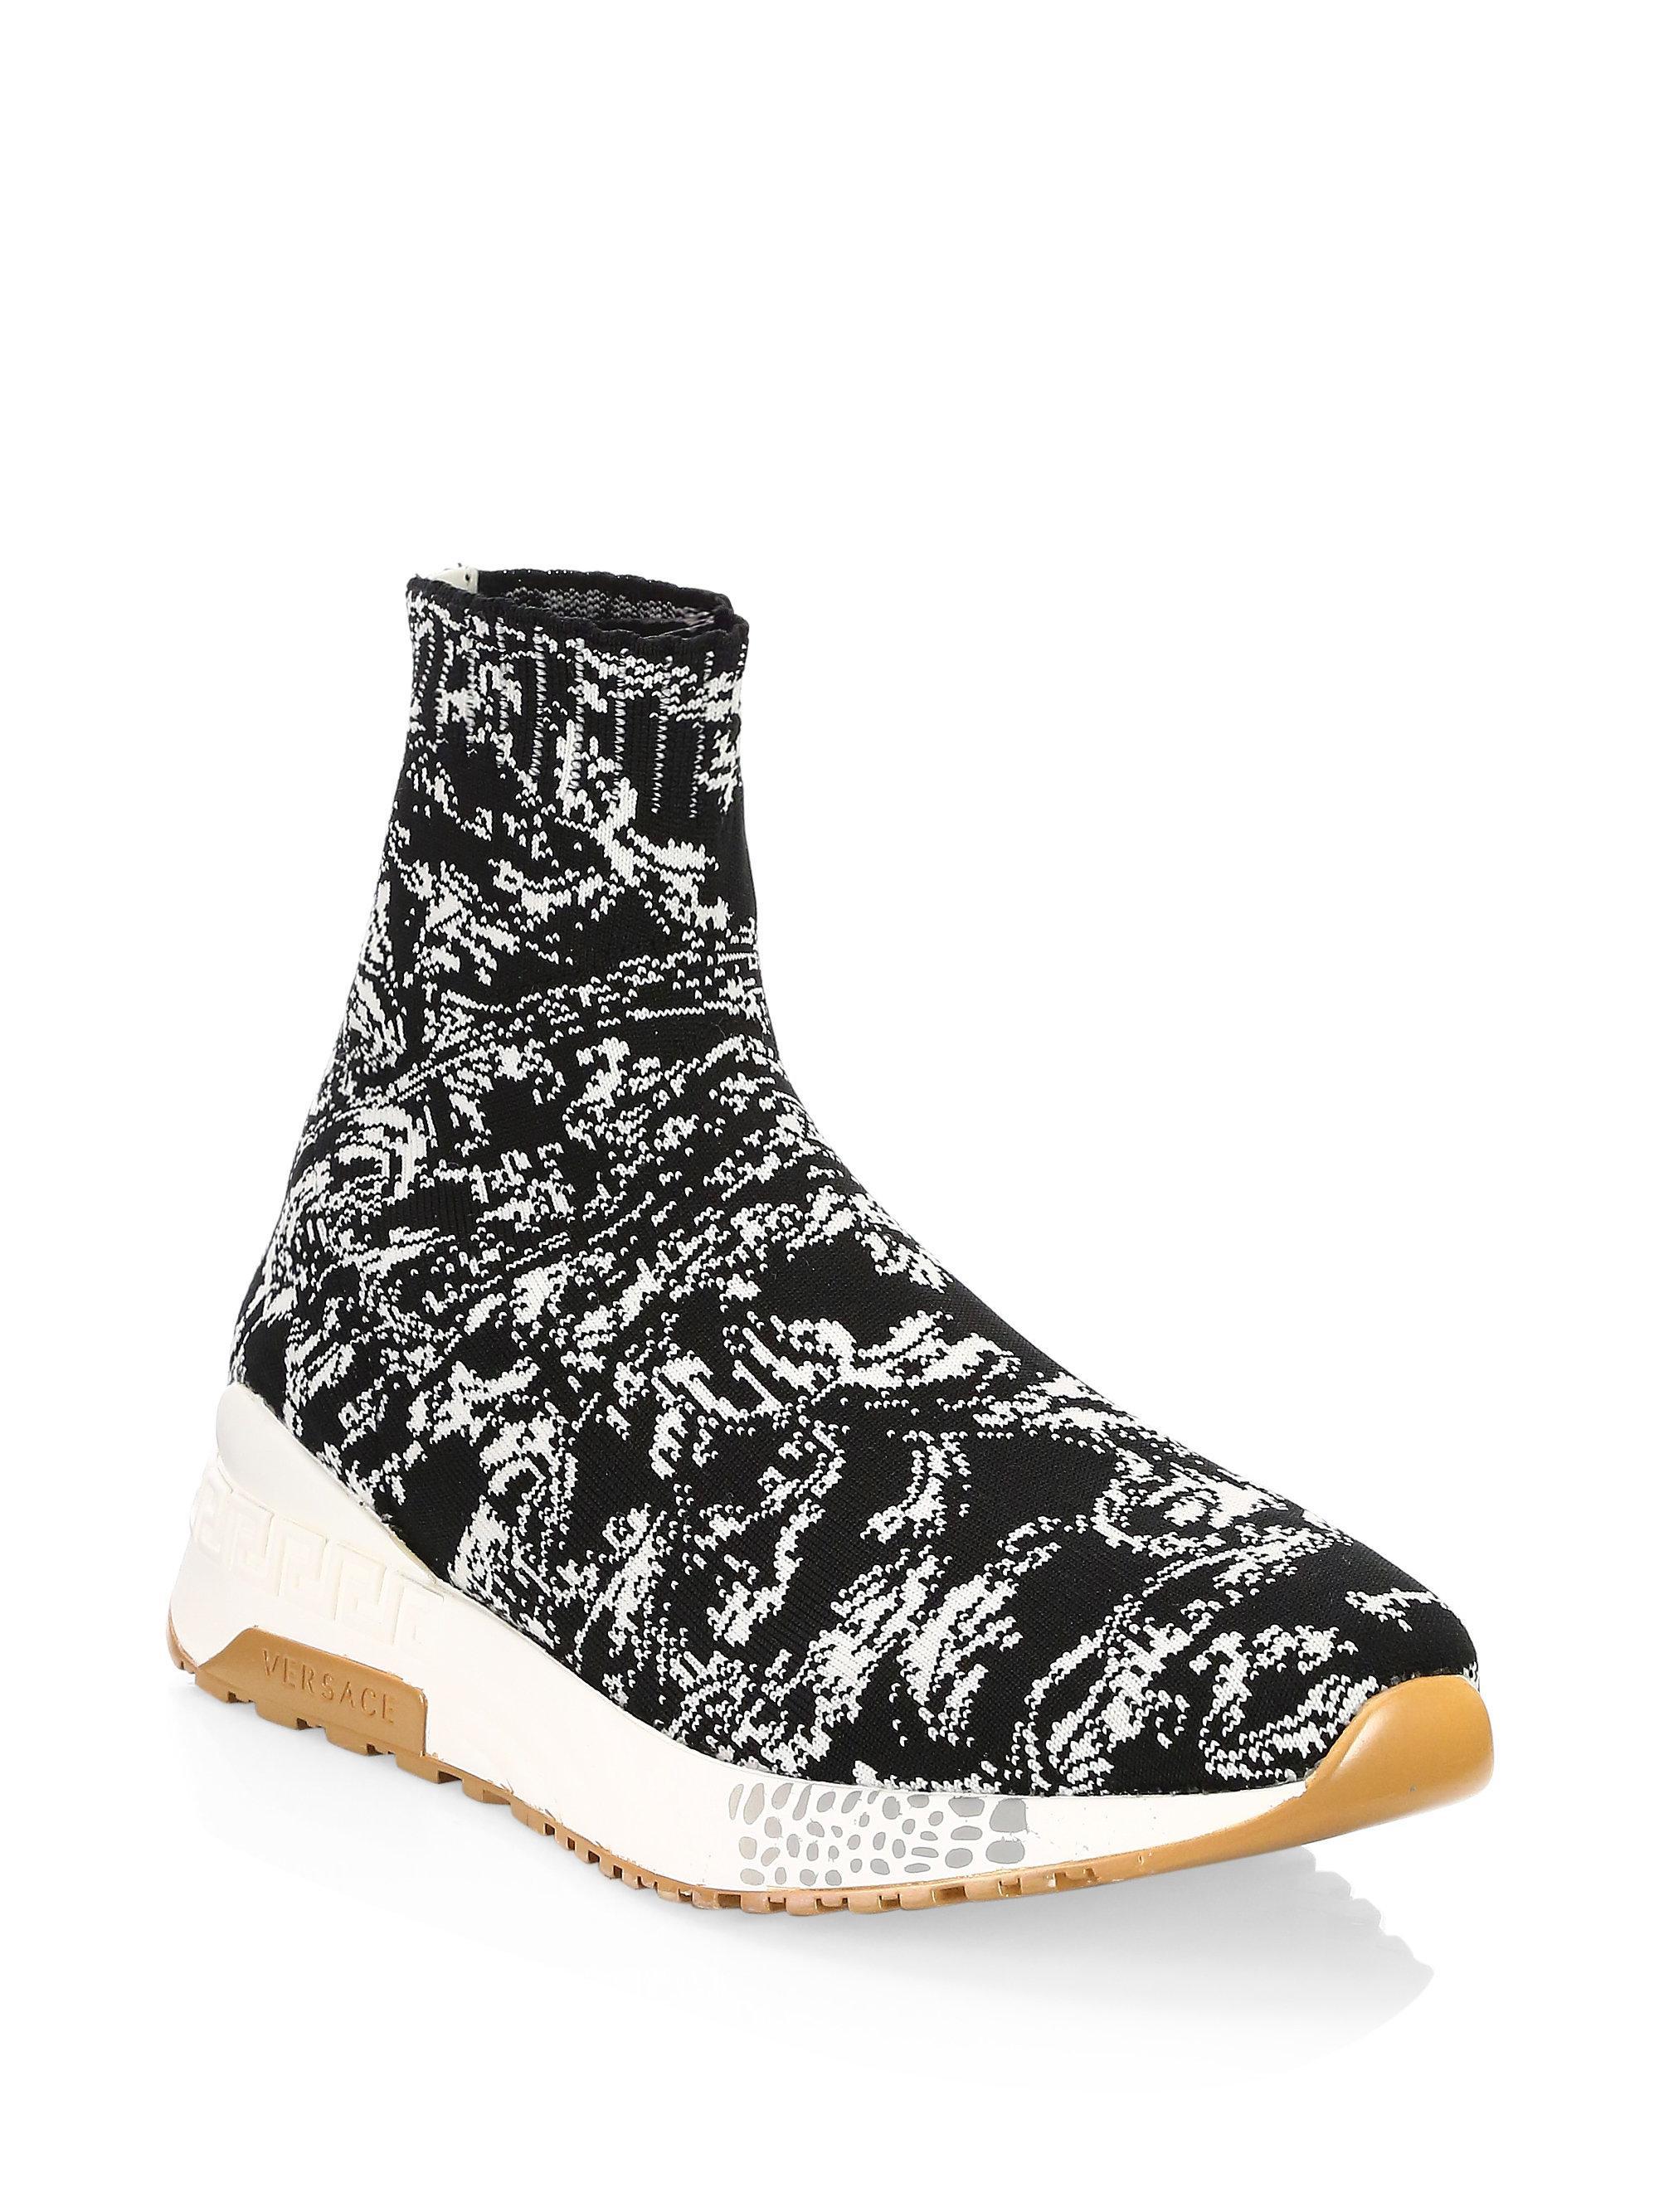 VERSACE Baroque sock sneakers wOmgUK90